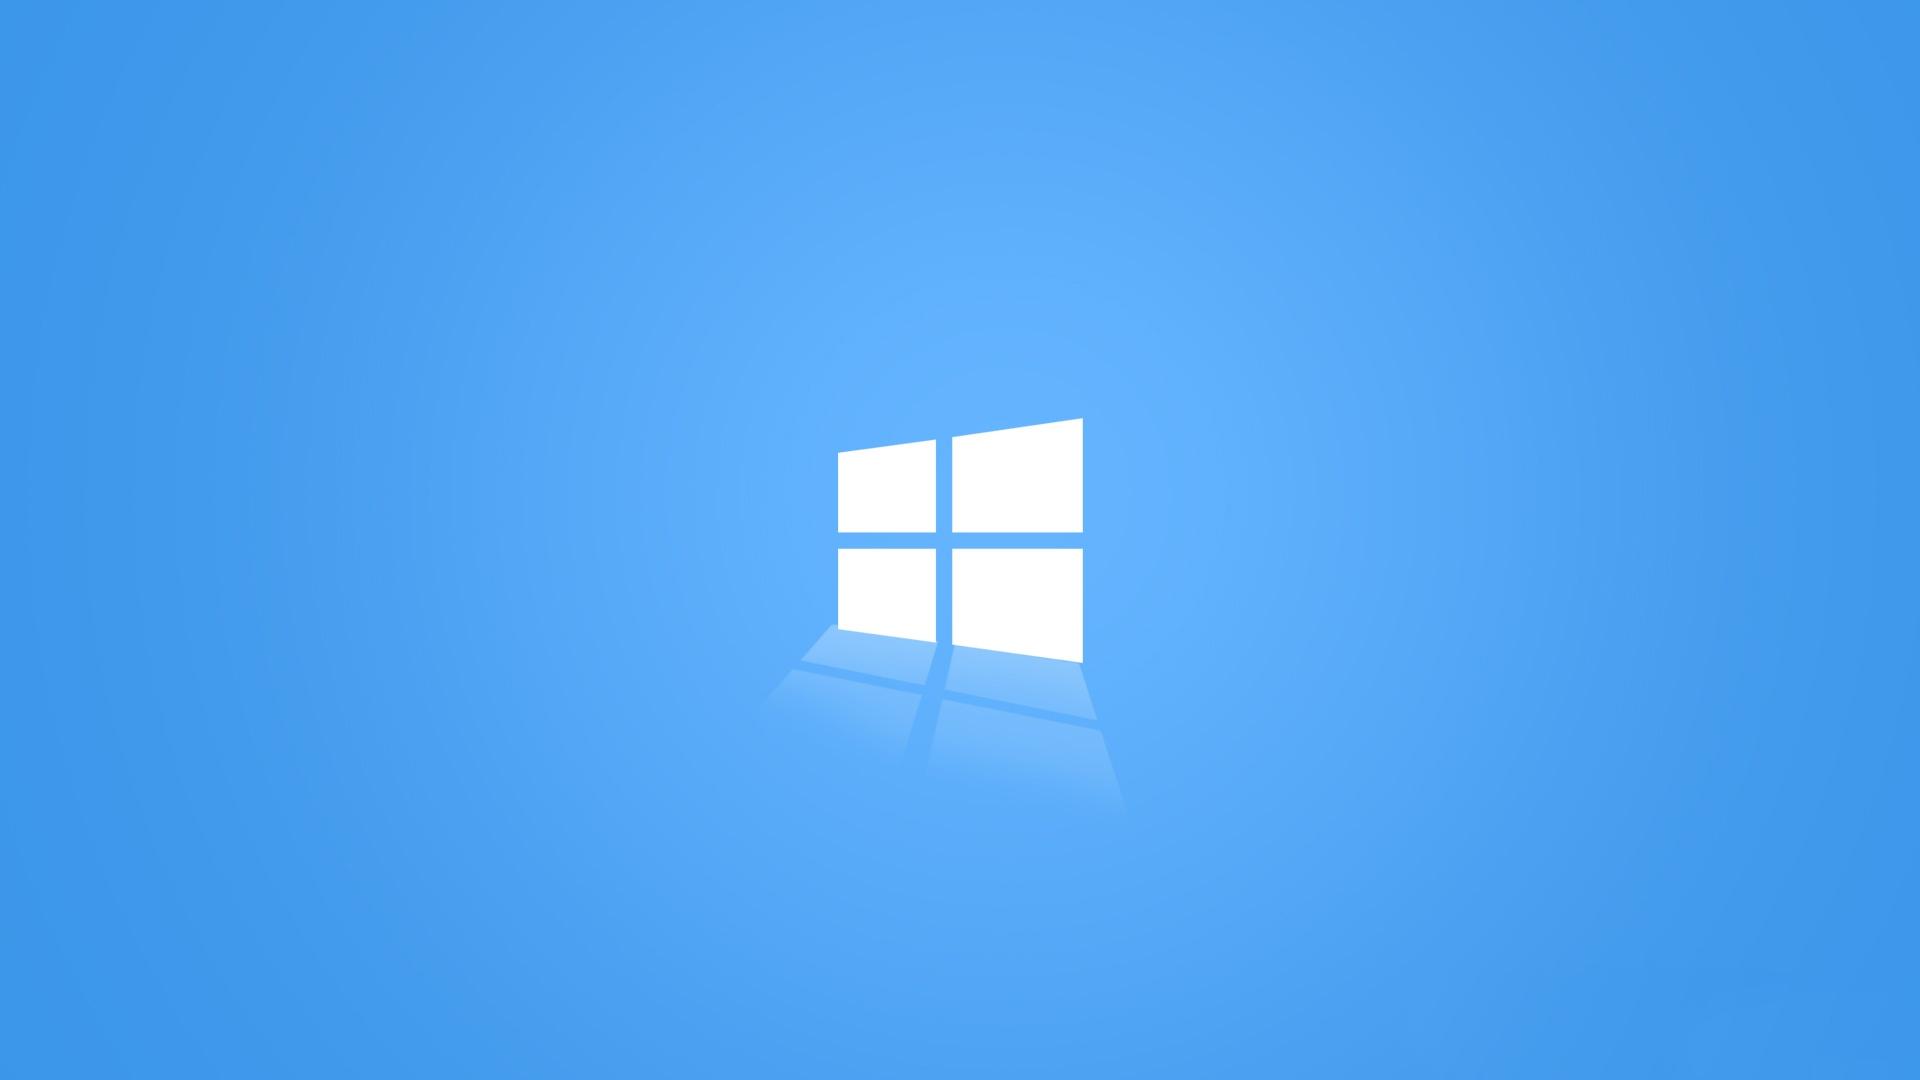 The Light Blue Windows 10 Wallpaper